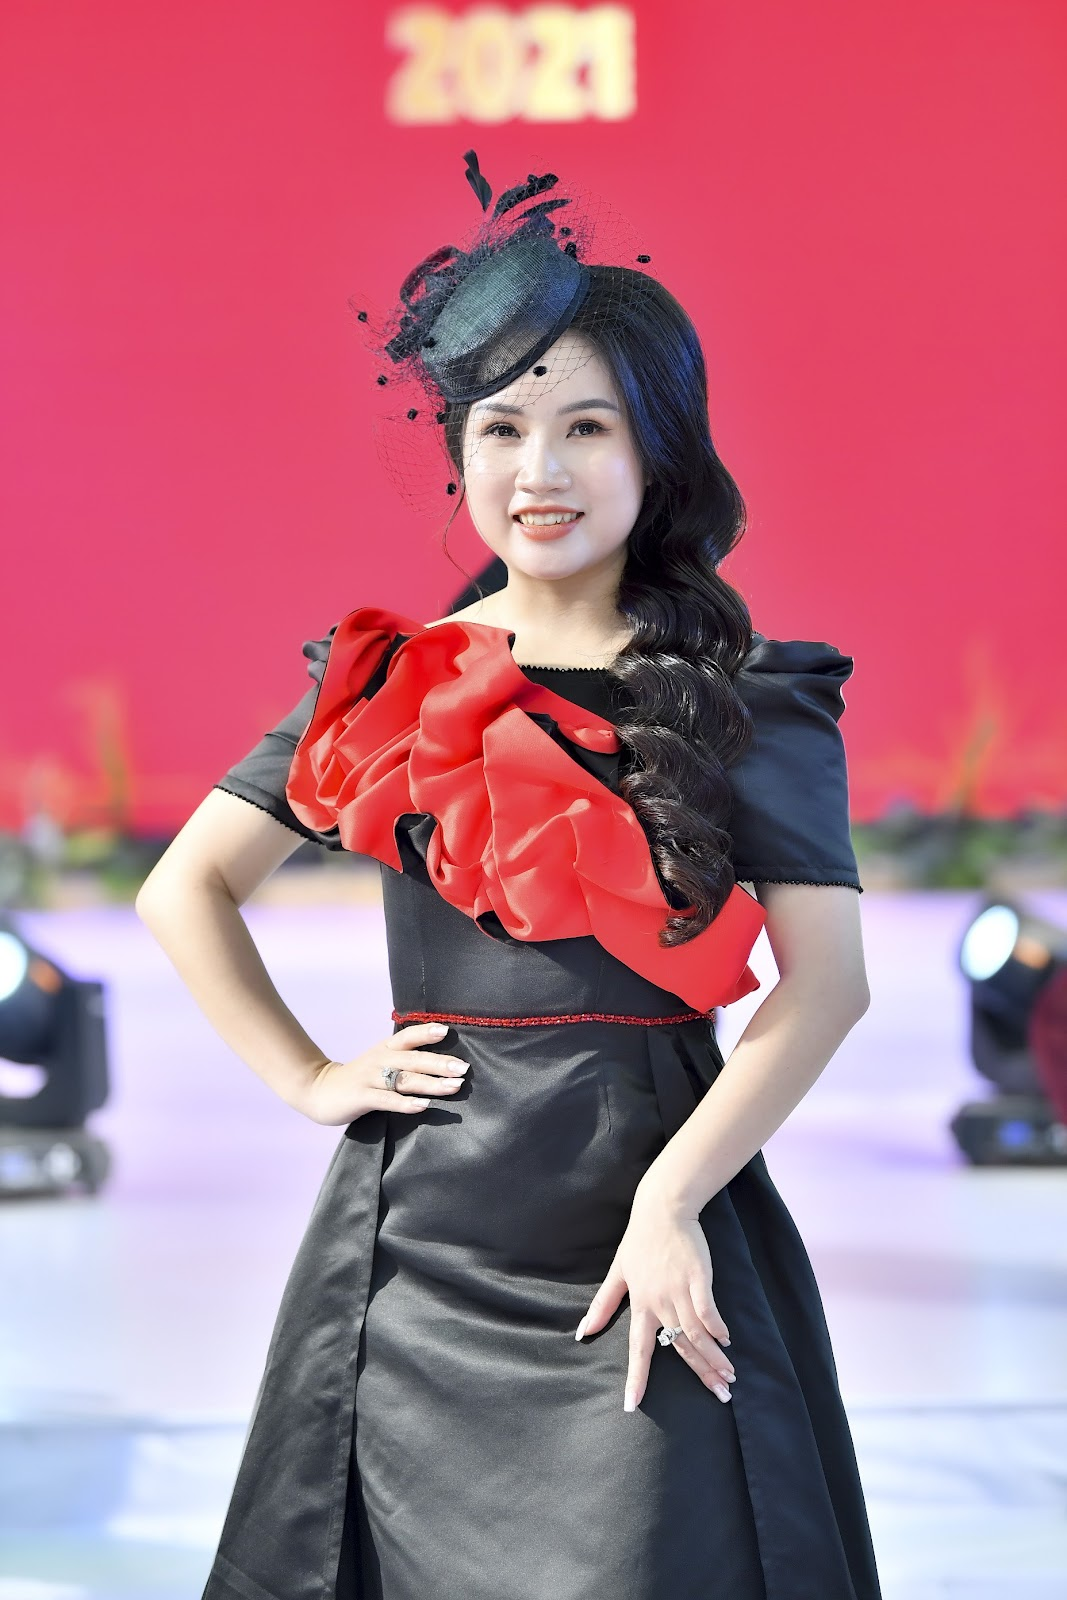 Chủ tịch MJU Group Đỗ Hương Ly - Nữ lãnh đạo cống hiến - Ảnh 7